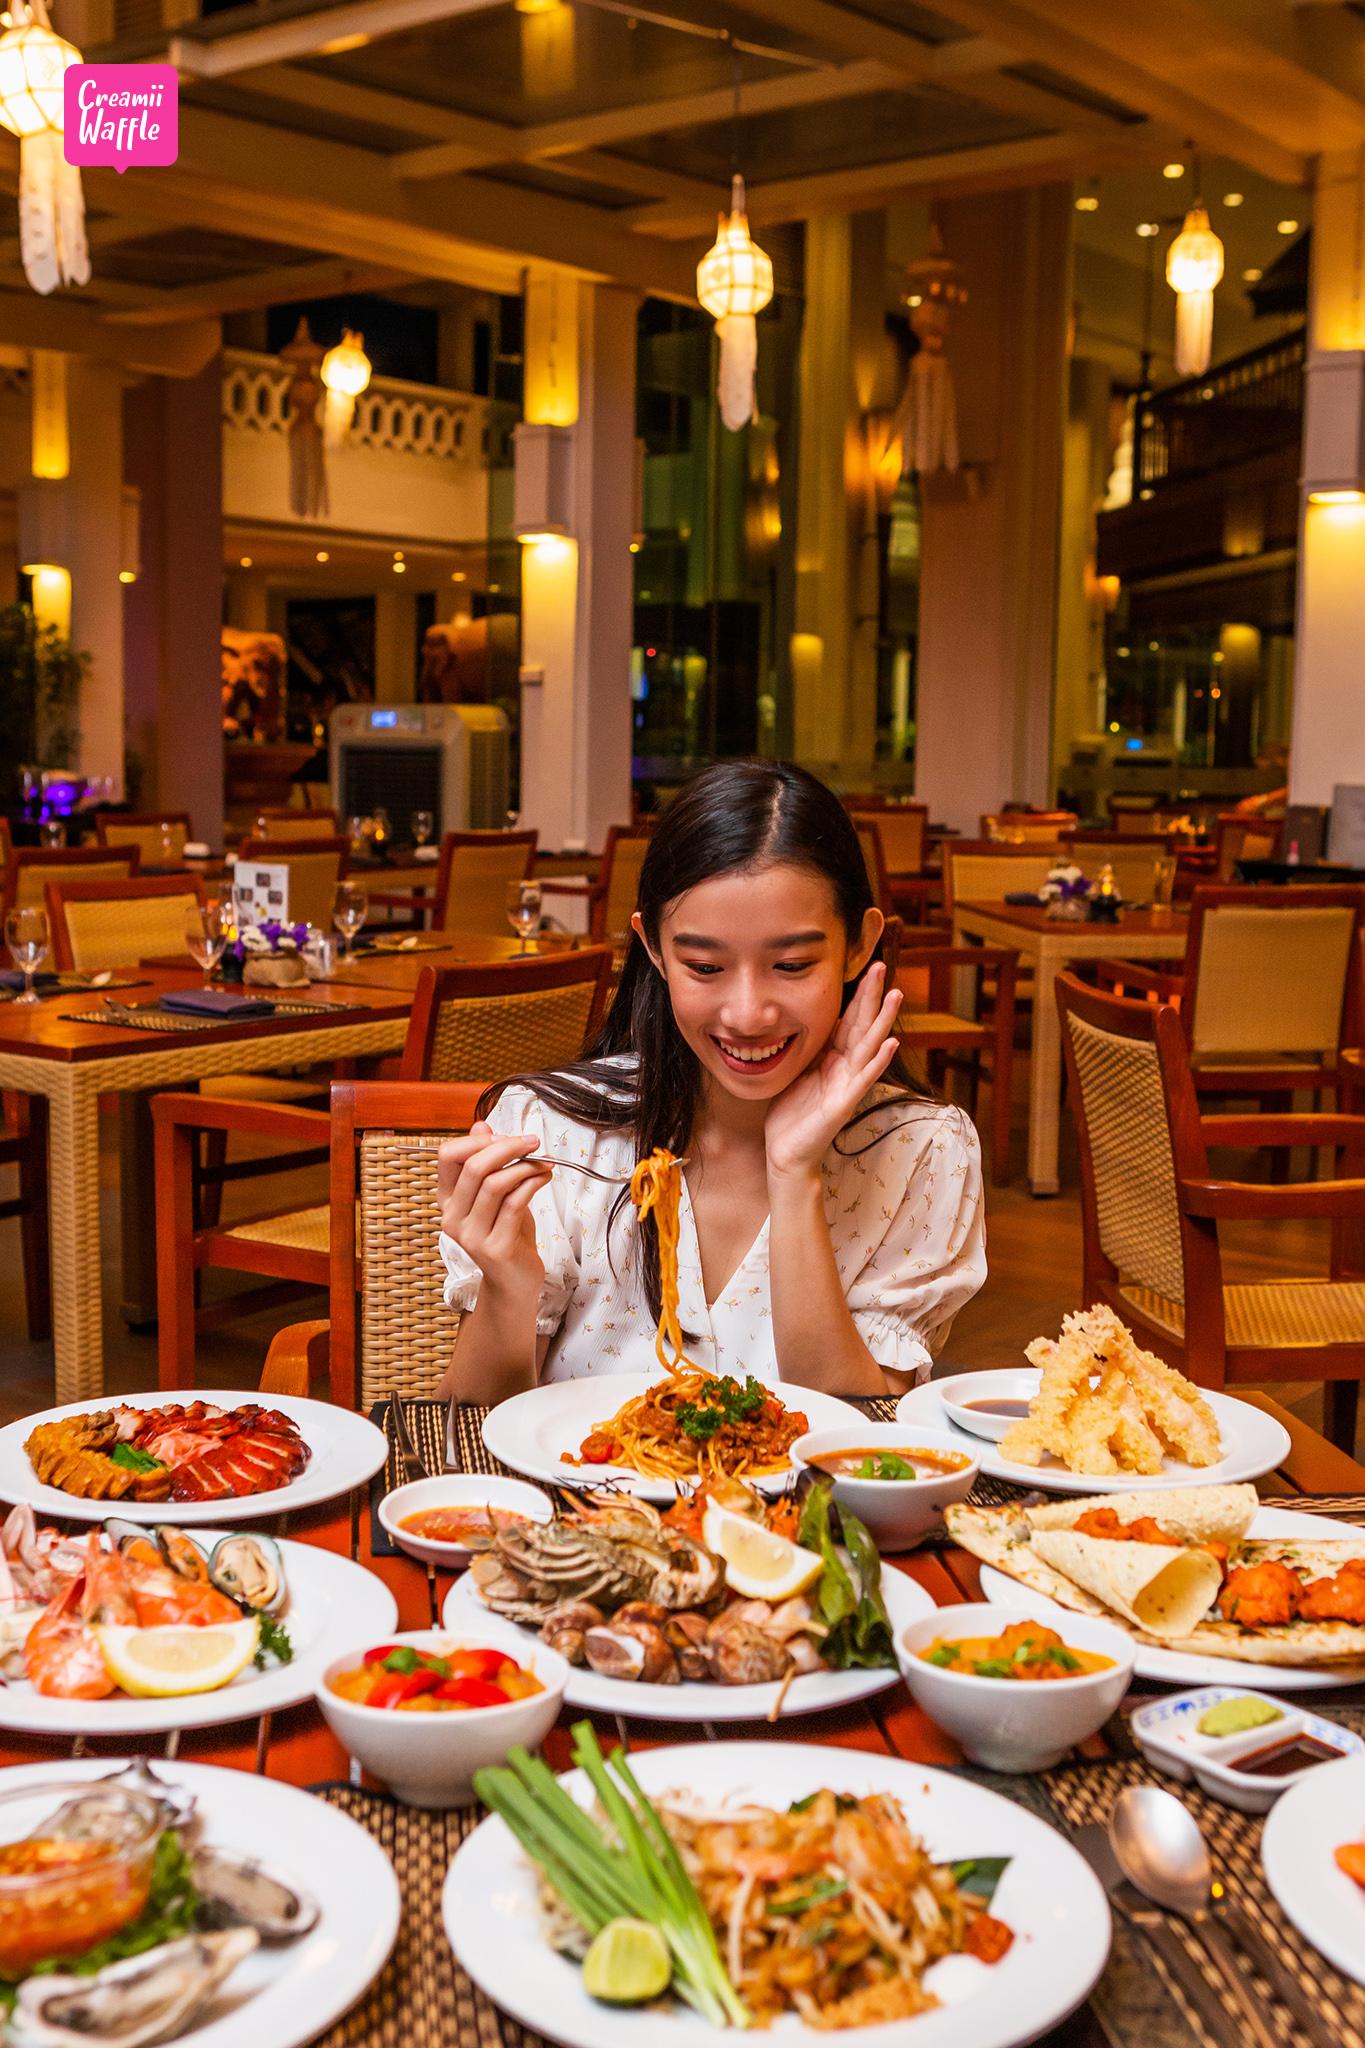 Anantara Riverside Resort Buffet Dinner